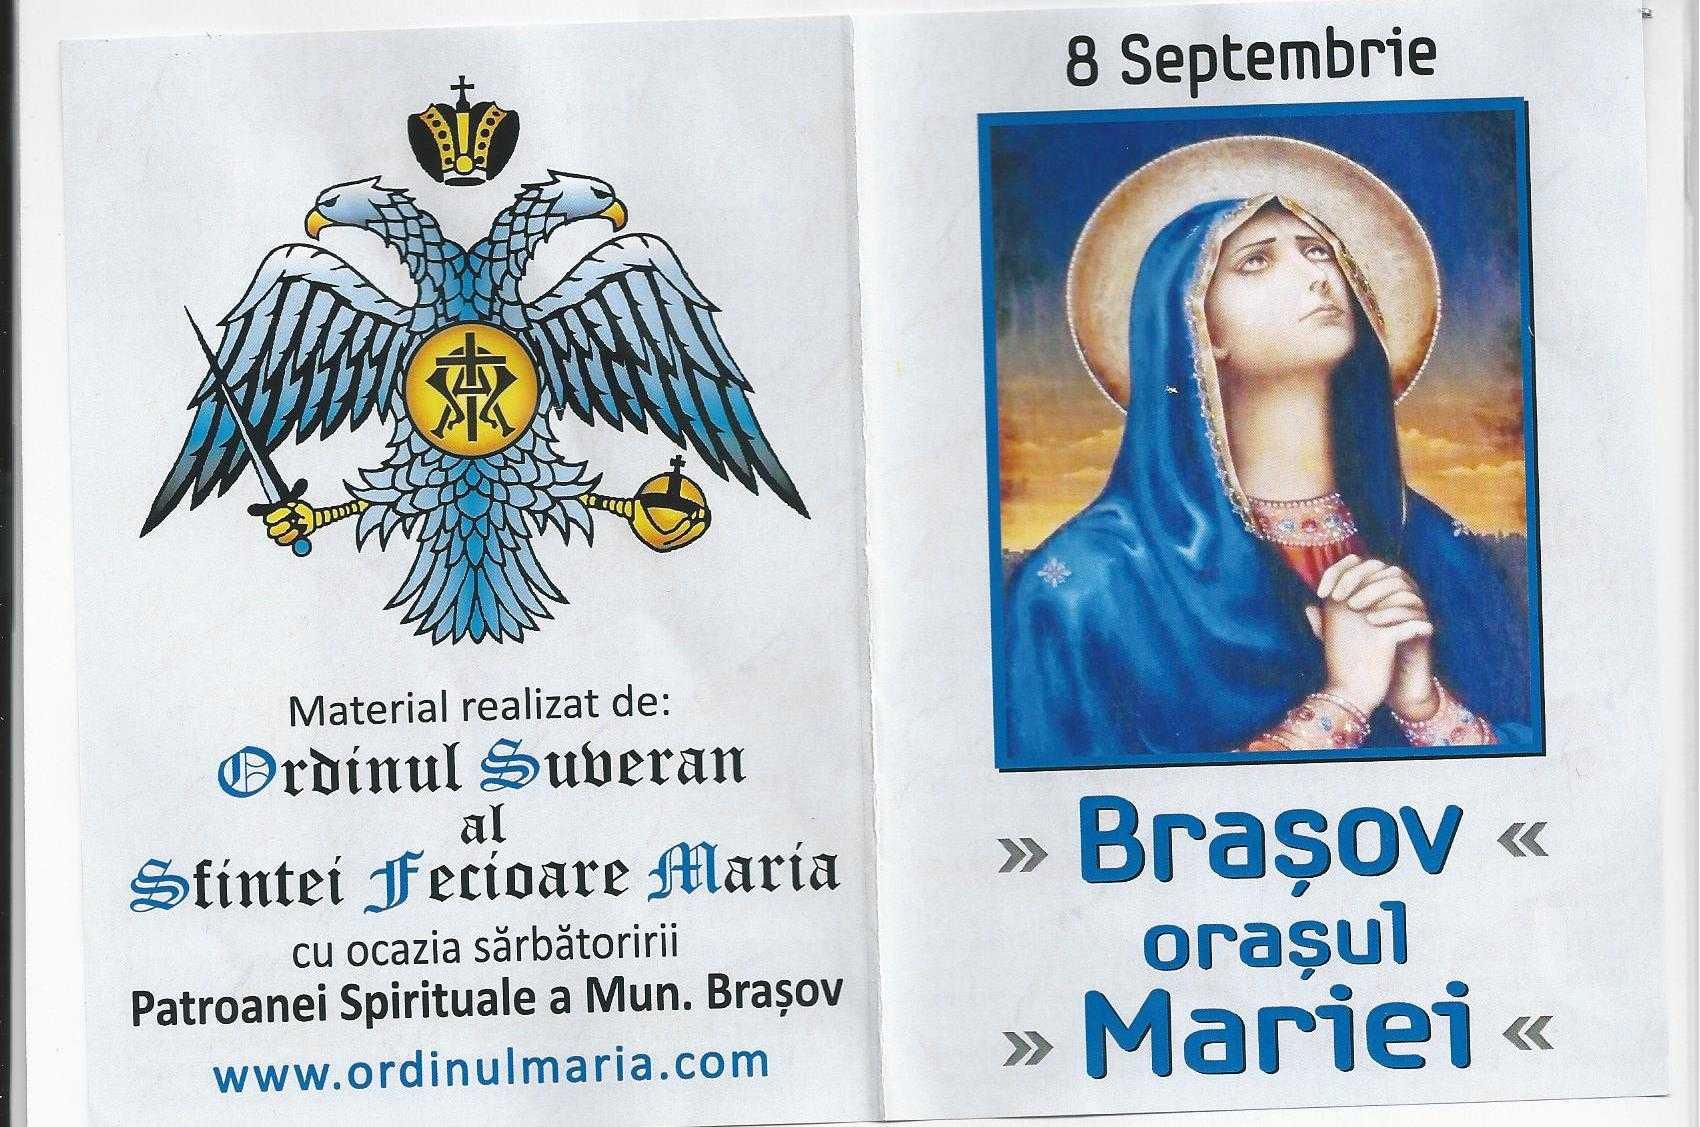 """In atentia Mitropoliei Ardealului: """"Ordinul Suveran al Sfintei Fecioare Maria. Cavalerii Templului"""": O BIZARERIE SINCRETIST-EZOTERICA CARE CAUTA LEGITIMARE ORTODOXA"""